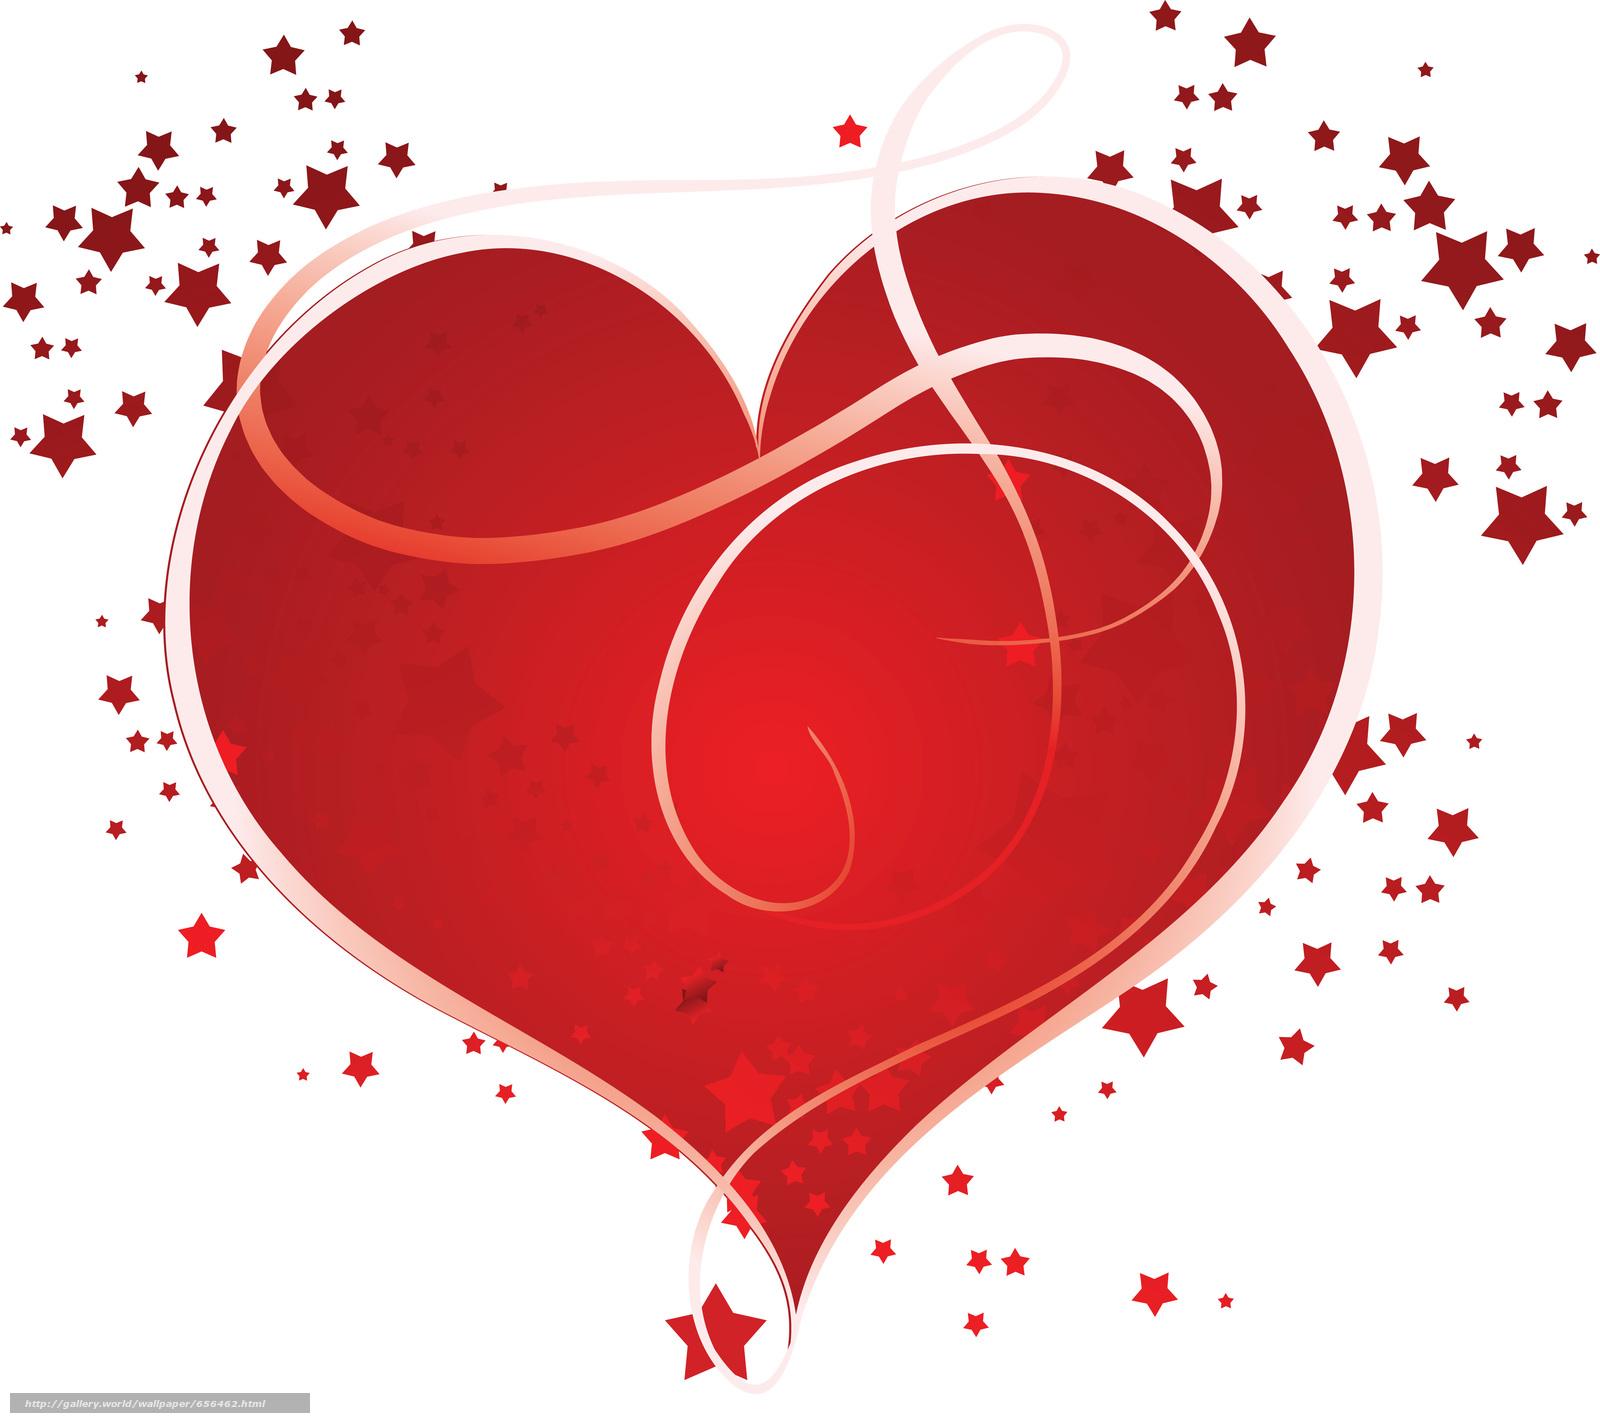 Скачать обои день святого валентина,  день всех влюбленных,  праздник,  сердце бесплатно для рабочего стола в разрешении 4809x4276 — картинка №656462